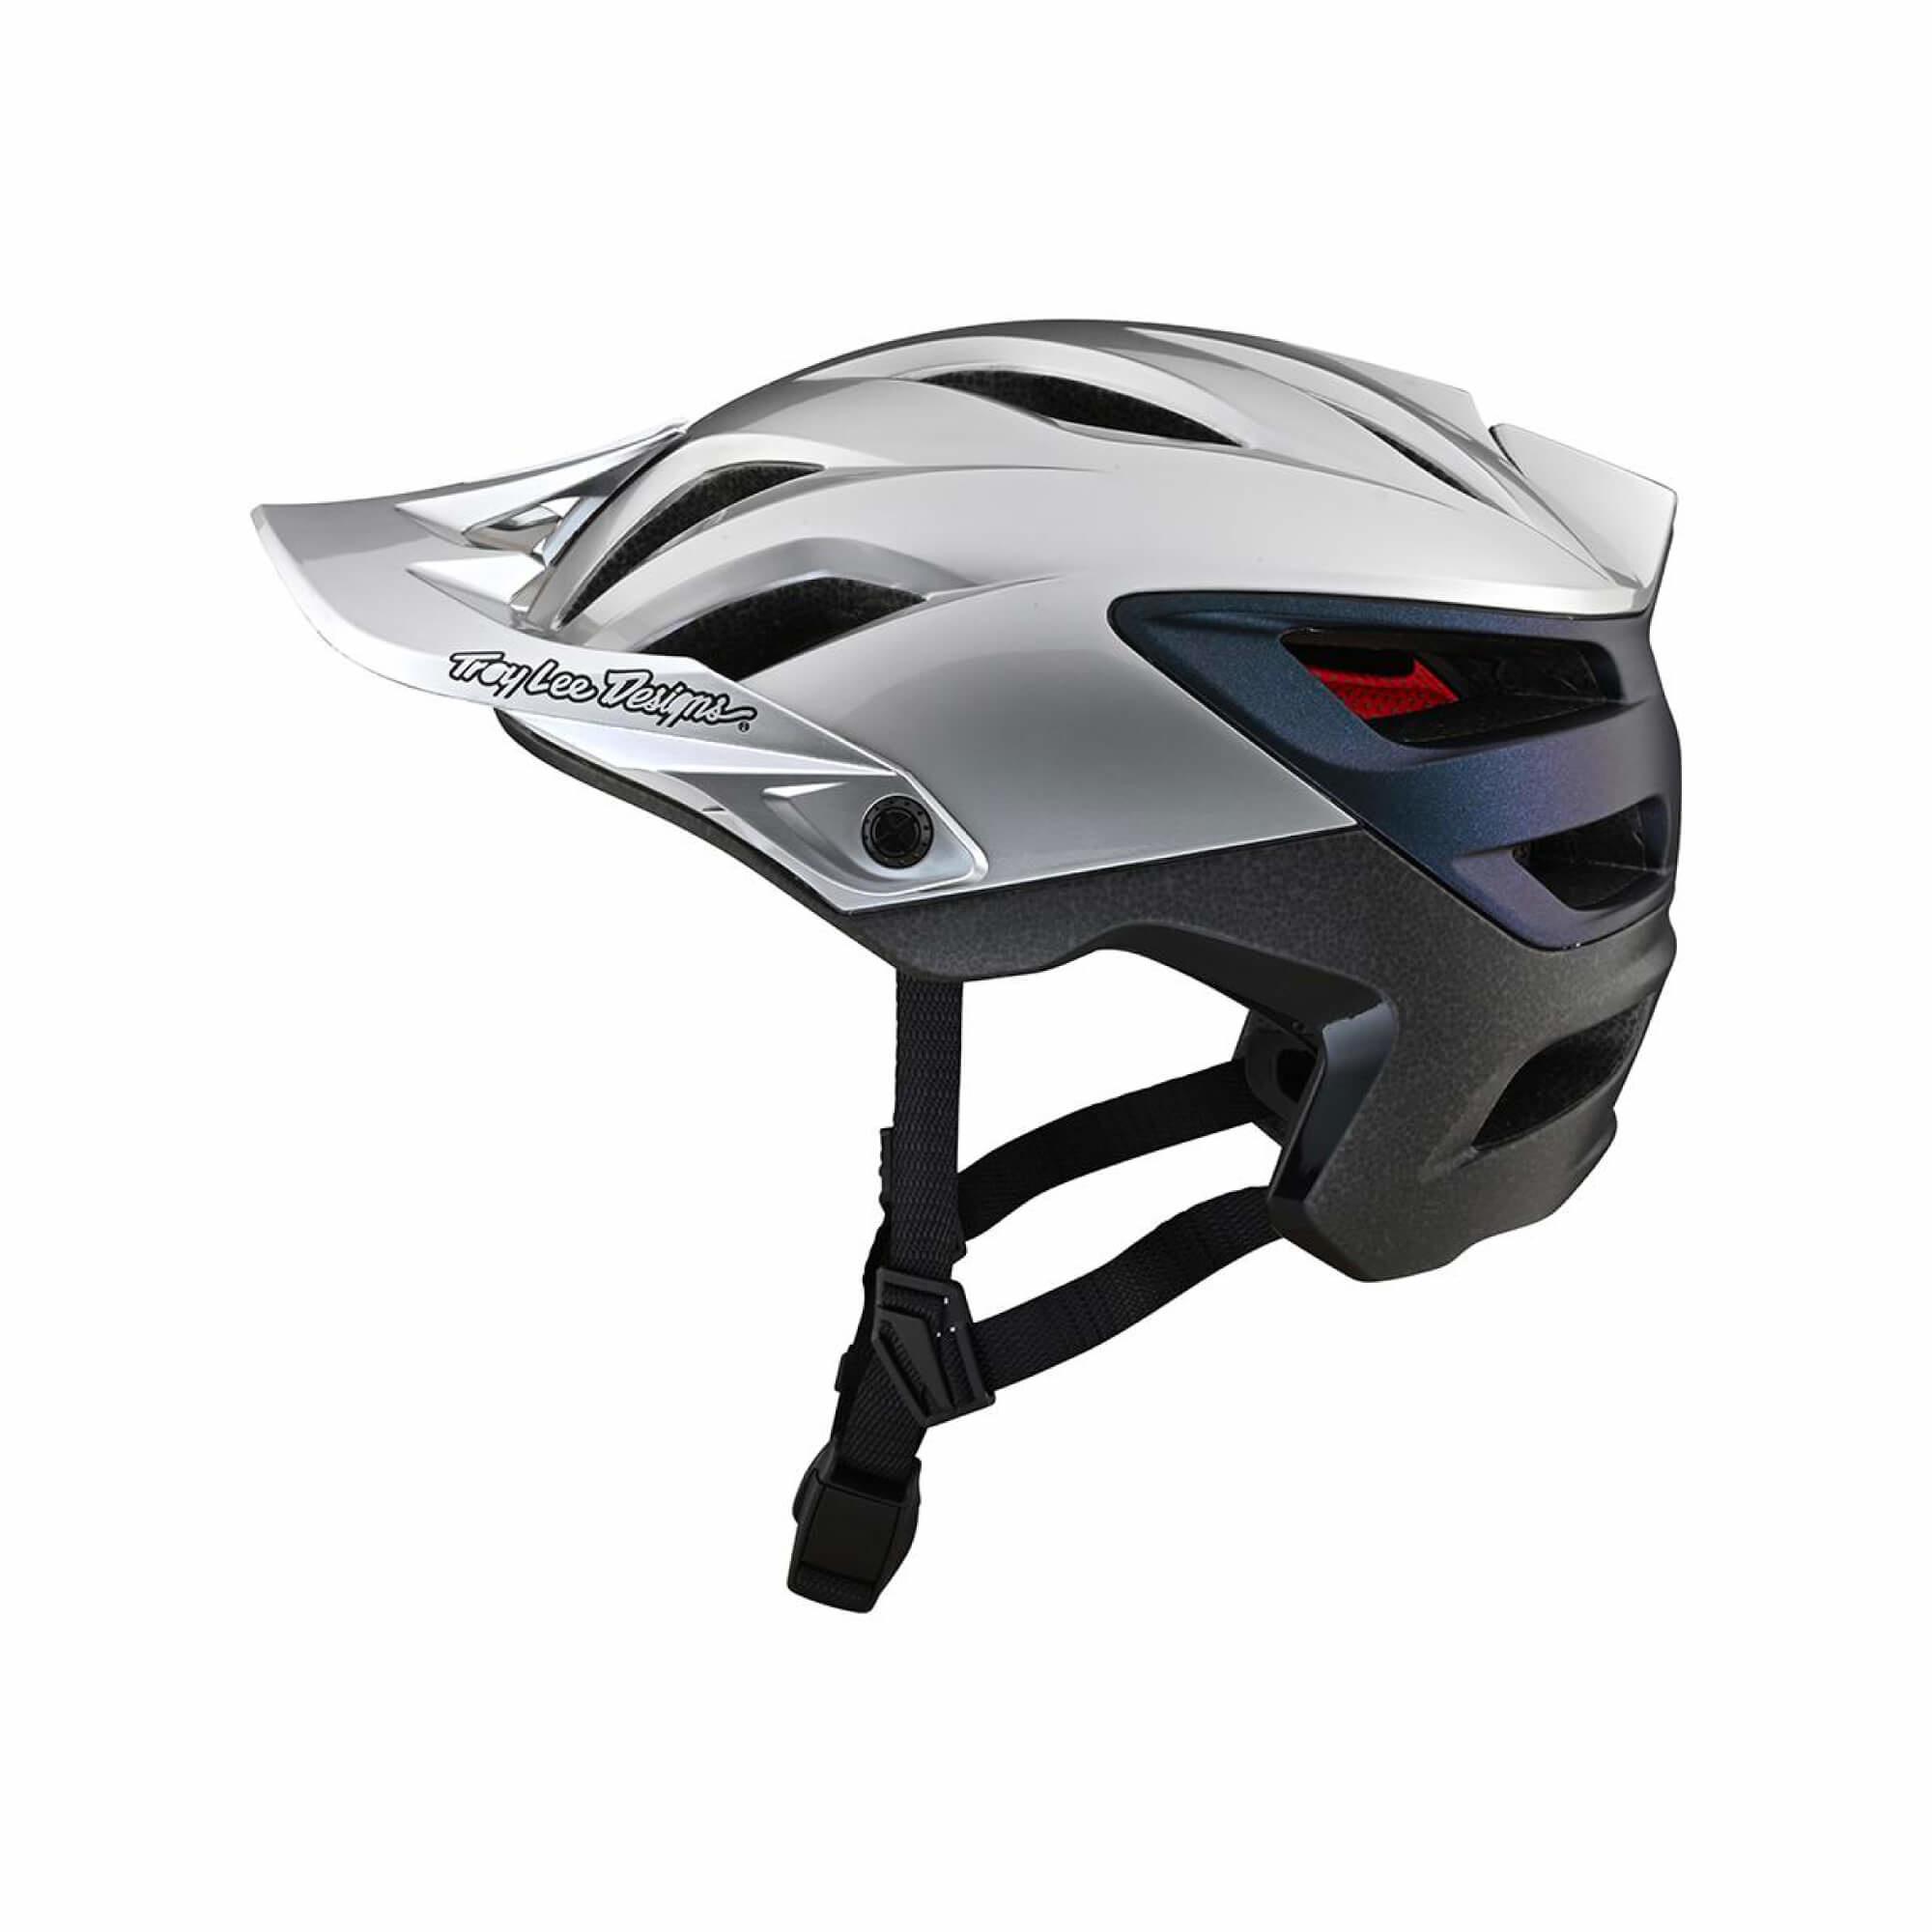 A3 As Mips Helmet Uno 2021-4